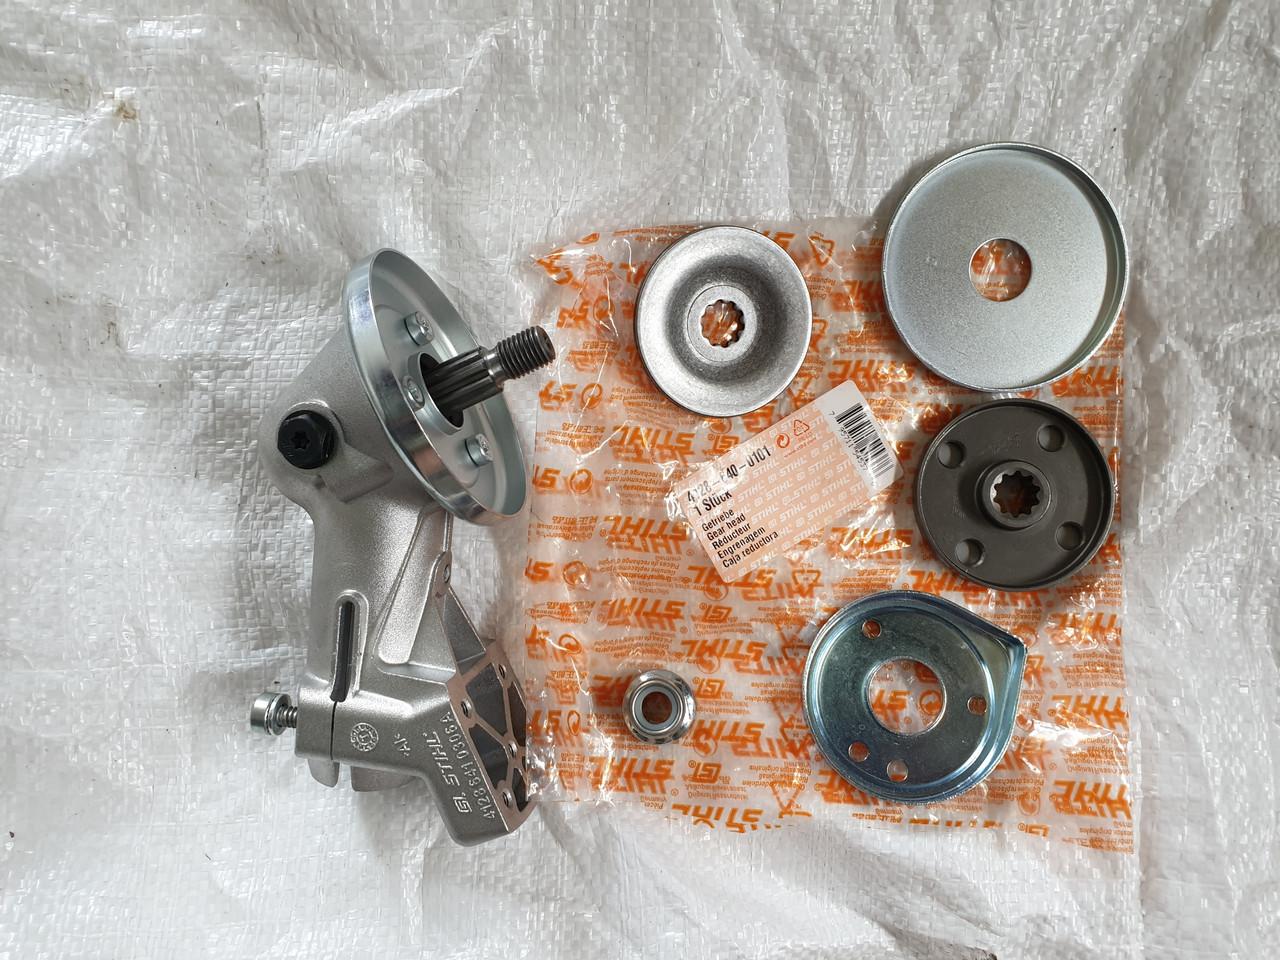 Мотокоса STIHL FS 450 Редуктор в зборі 41286400101 оригінал